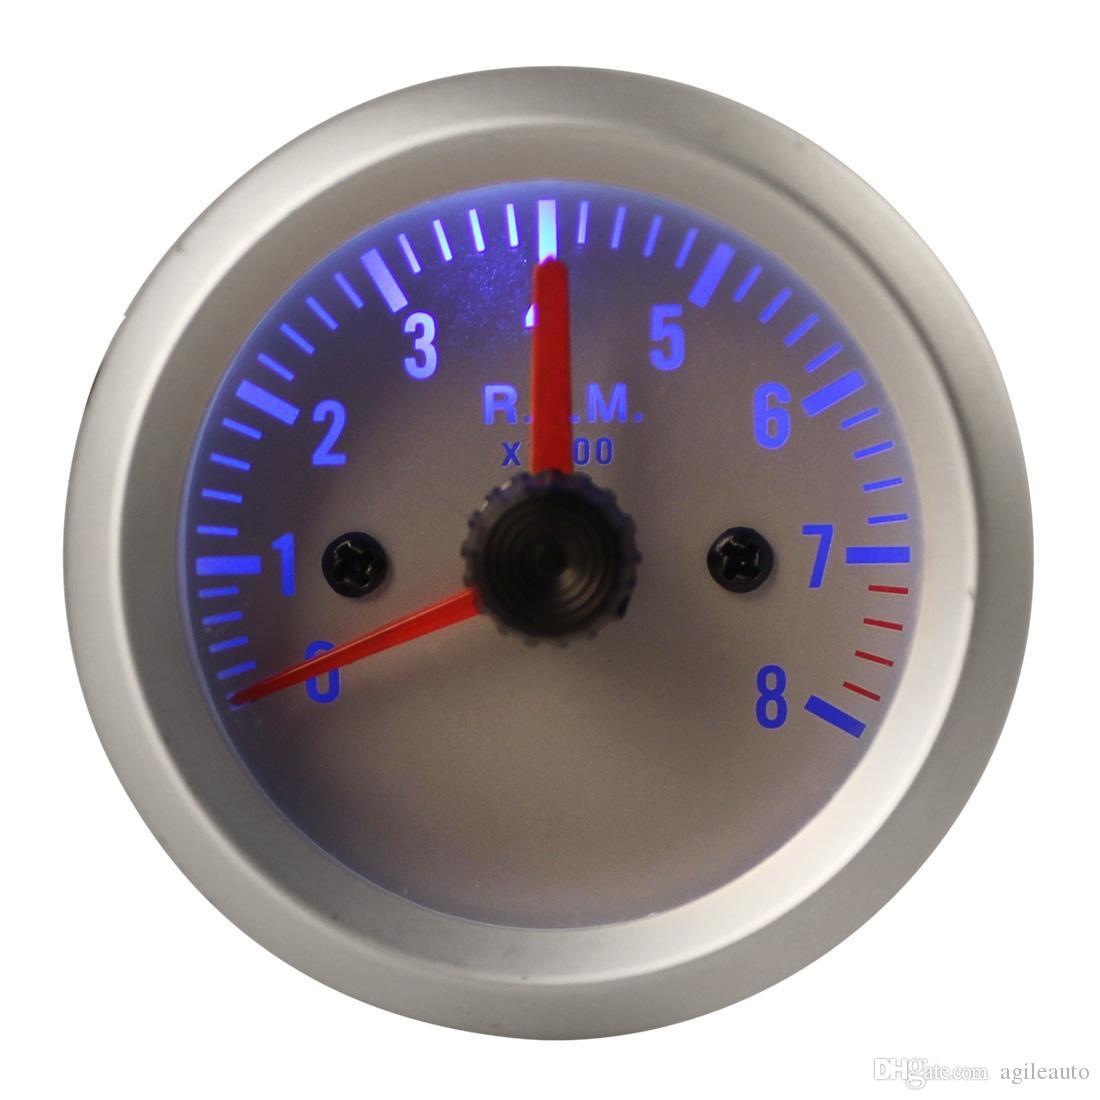 Tachymètre Blue Couleur 8000 Light Argent Tr Auto 0 ~ Min Acheter j54ARL